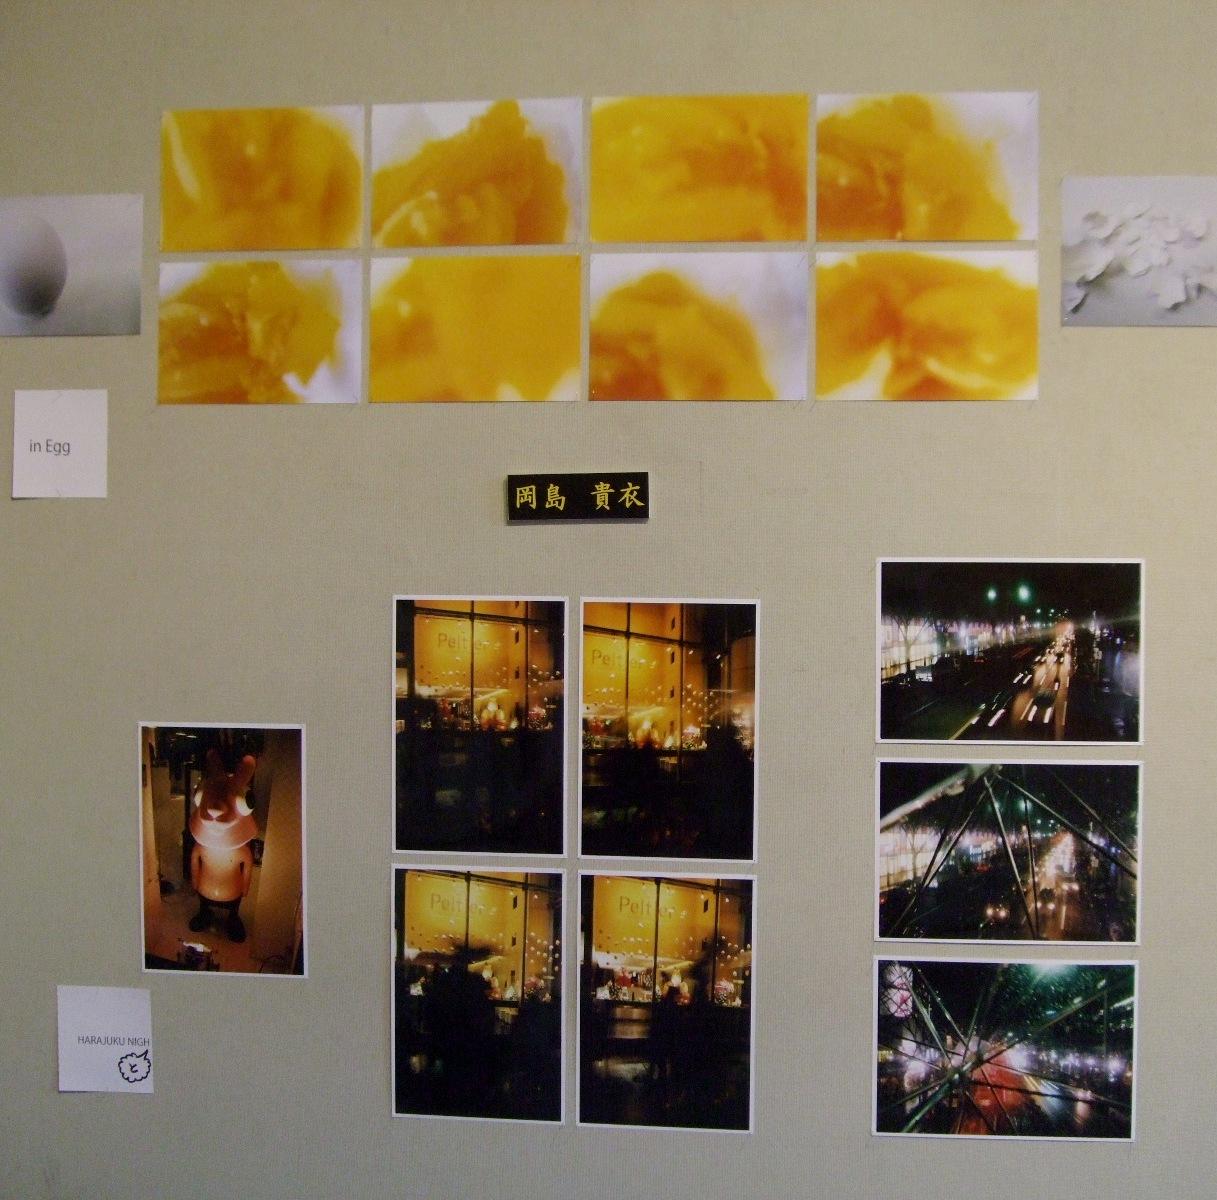 1271) 資料館 「ぽんち展 7 ~黄色い写真展~」 4月13日(火)~4月25日(日)  _f0126829_19561778.jpg